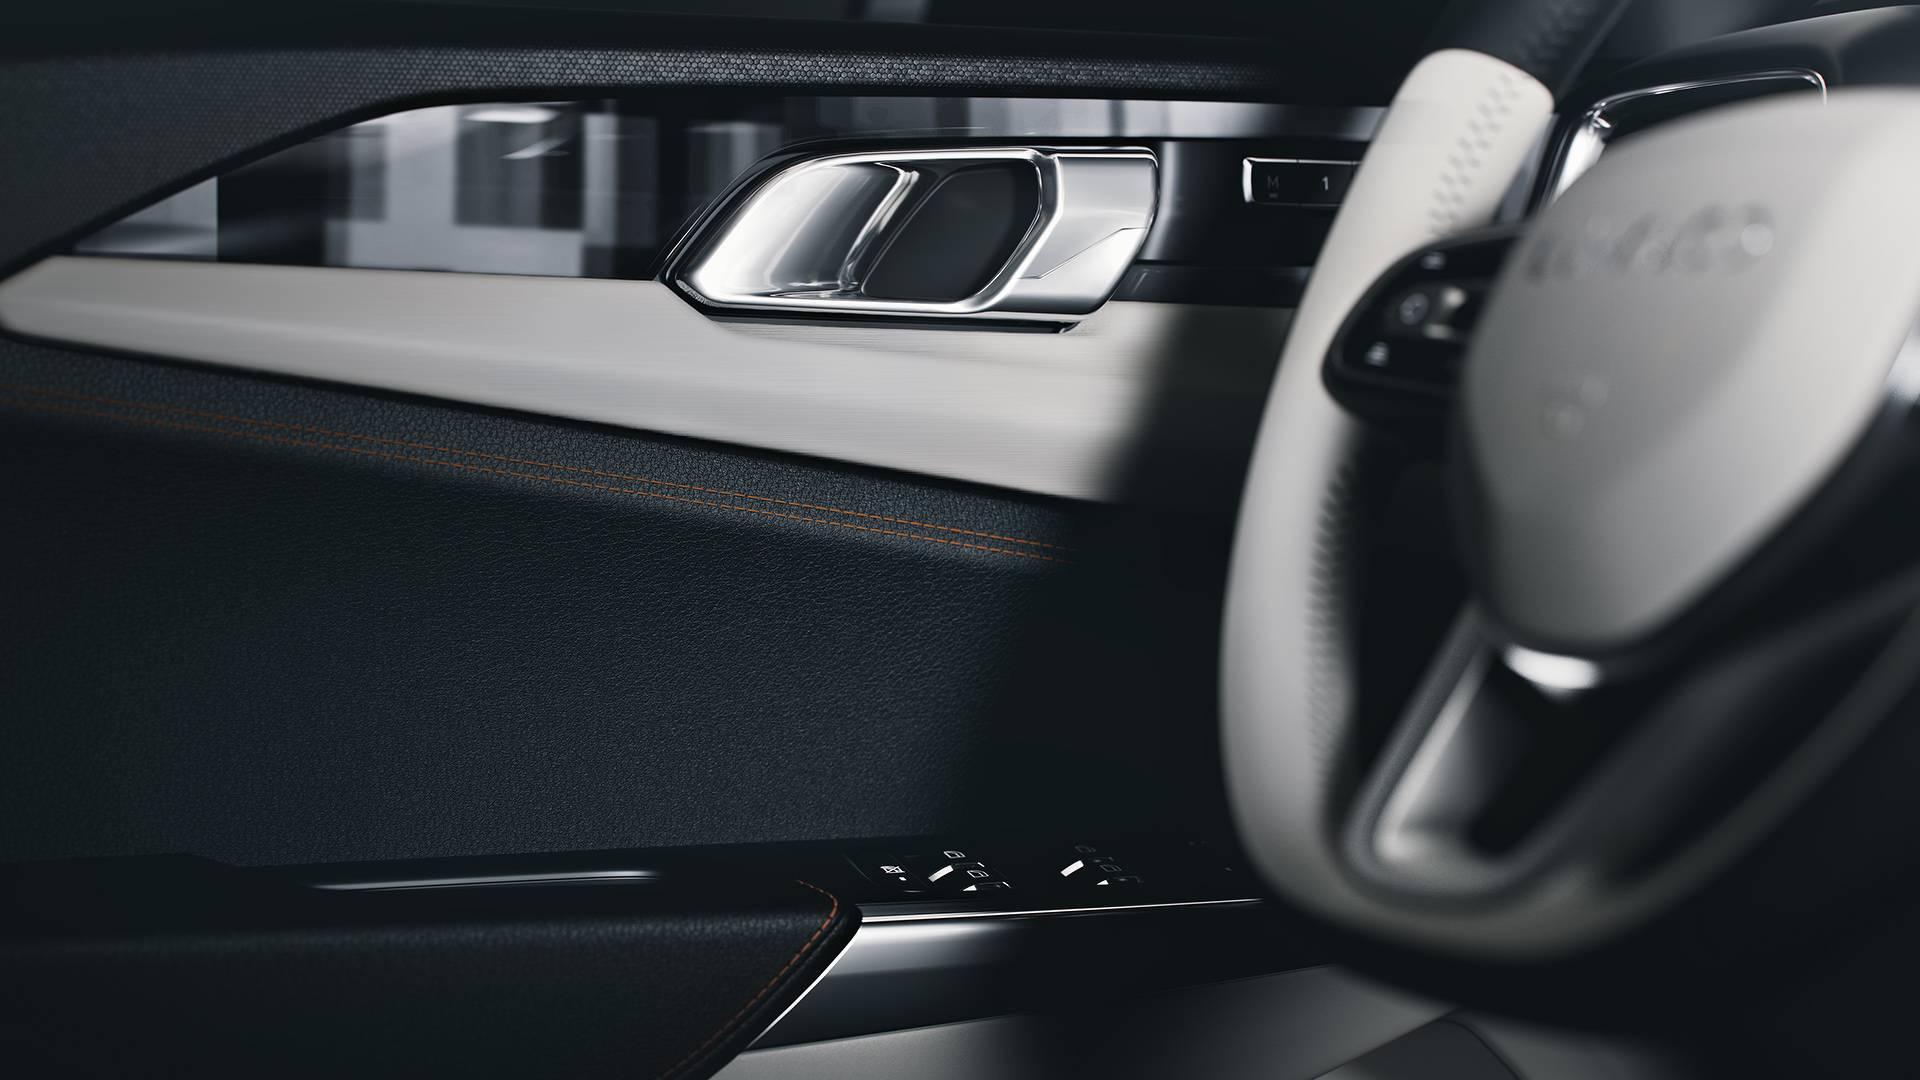 Lynk & Co 02 enthüllt; Europa-Pläne bekannt gegeben - ALLES AUTO